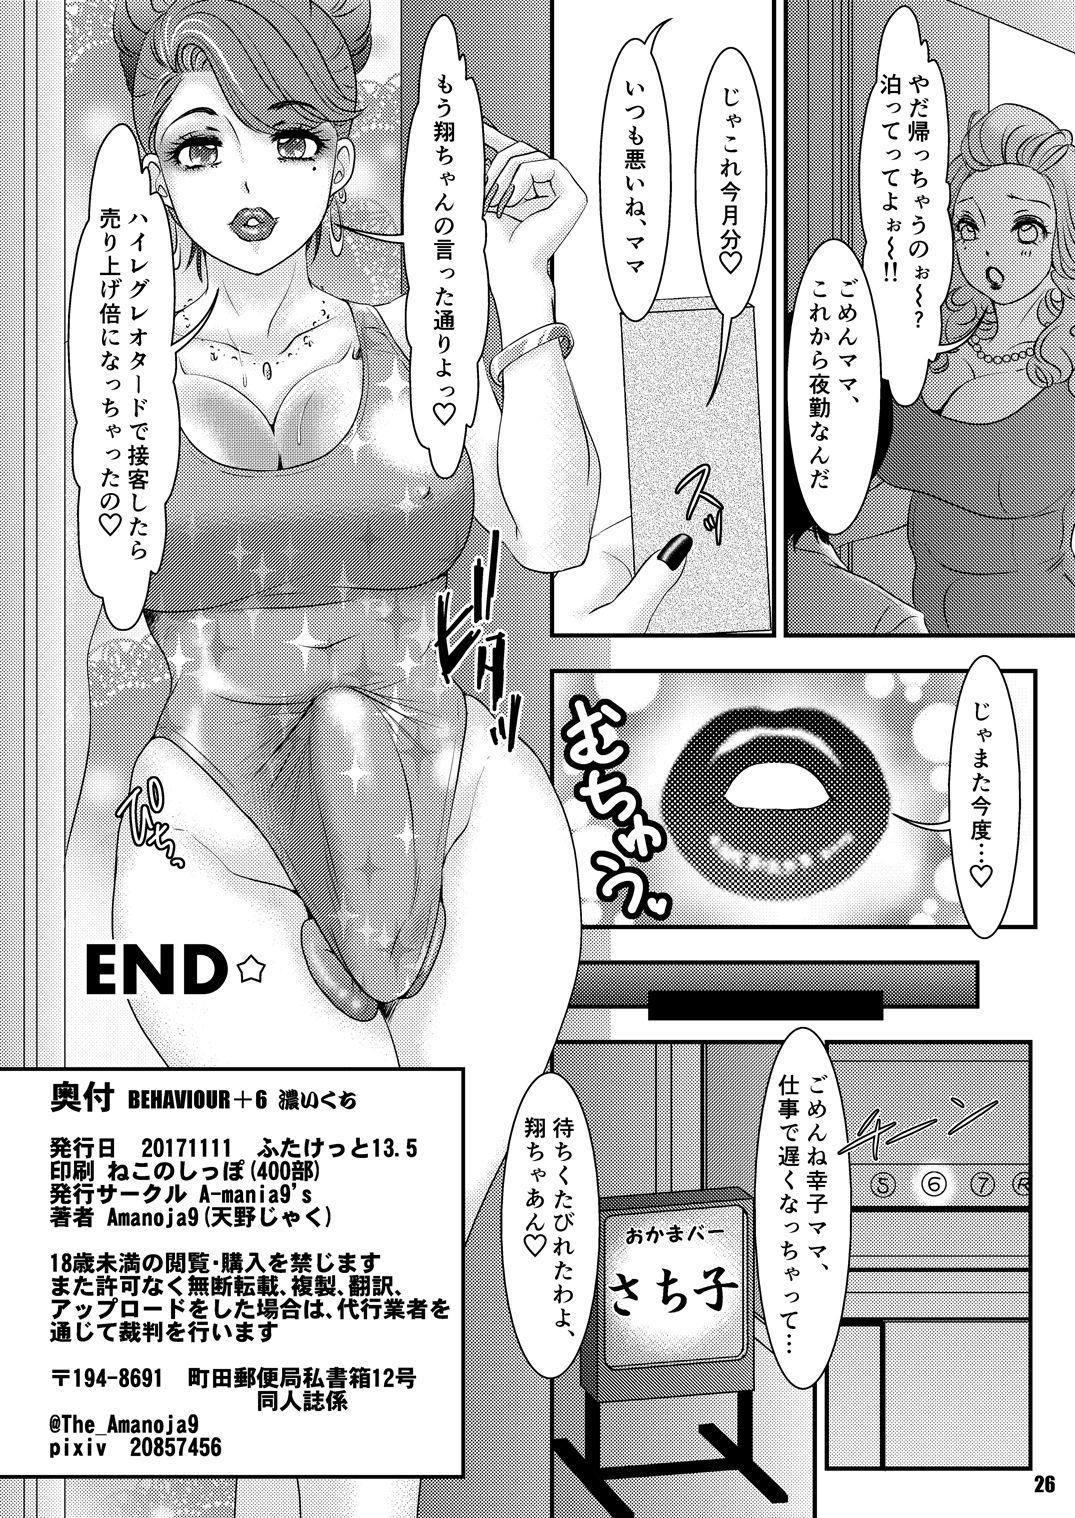 """BEHAVIOUR+Vol. 6 """"Koi Kuchi"""" 25"""